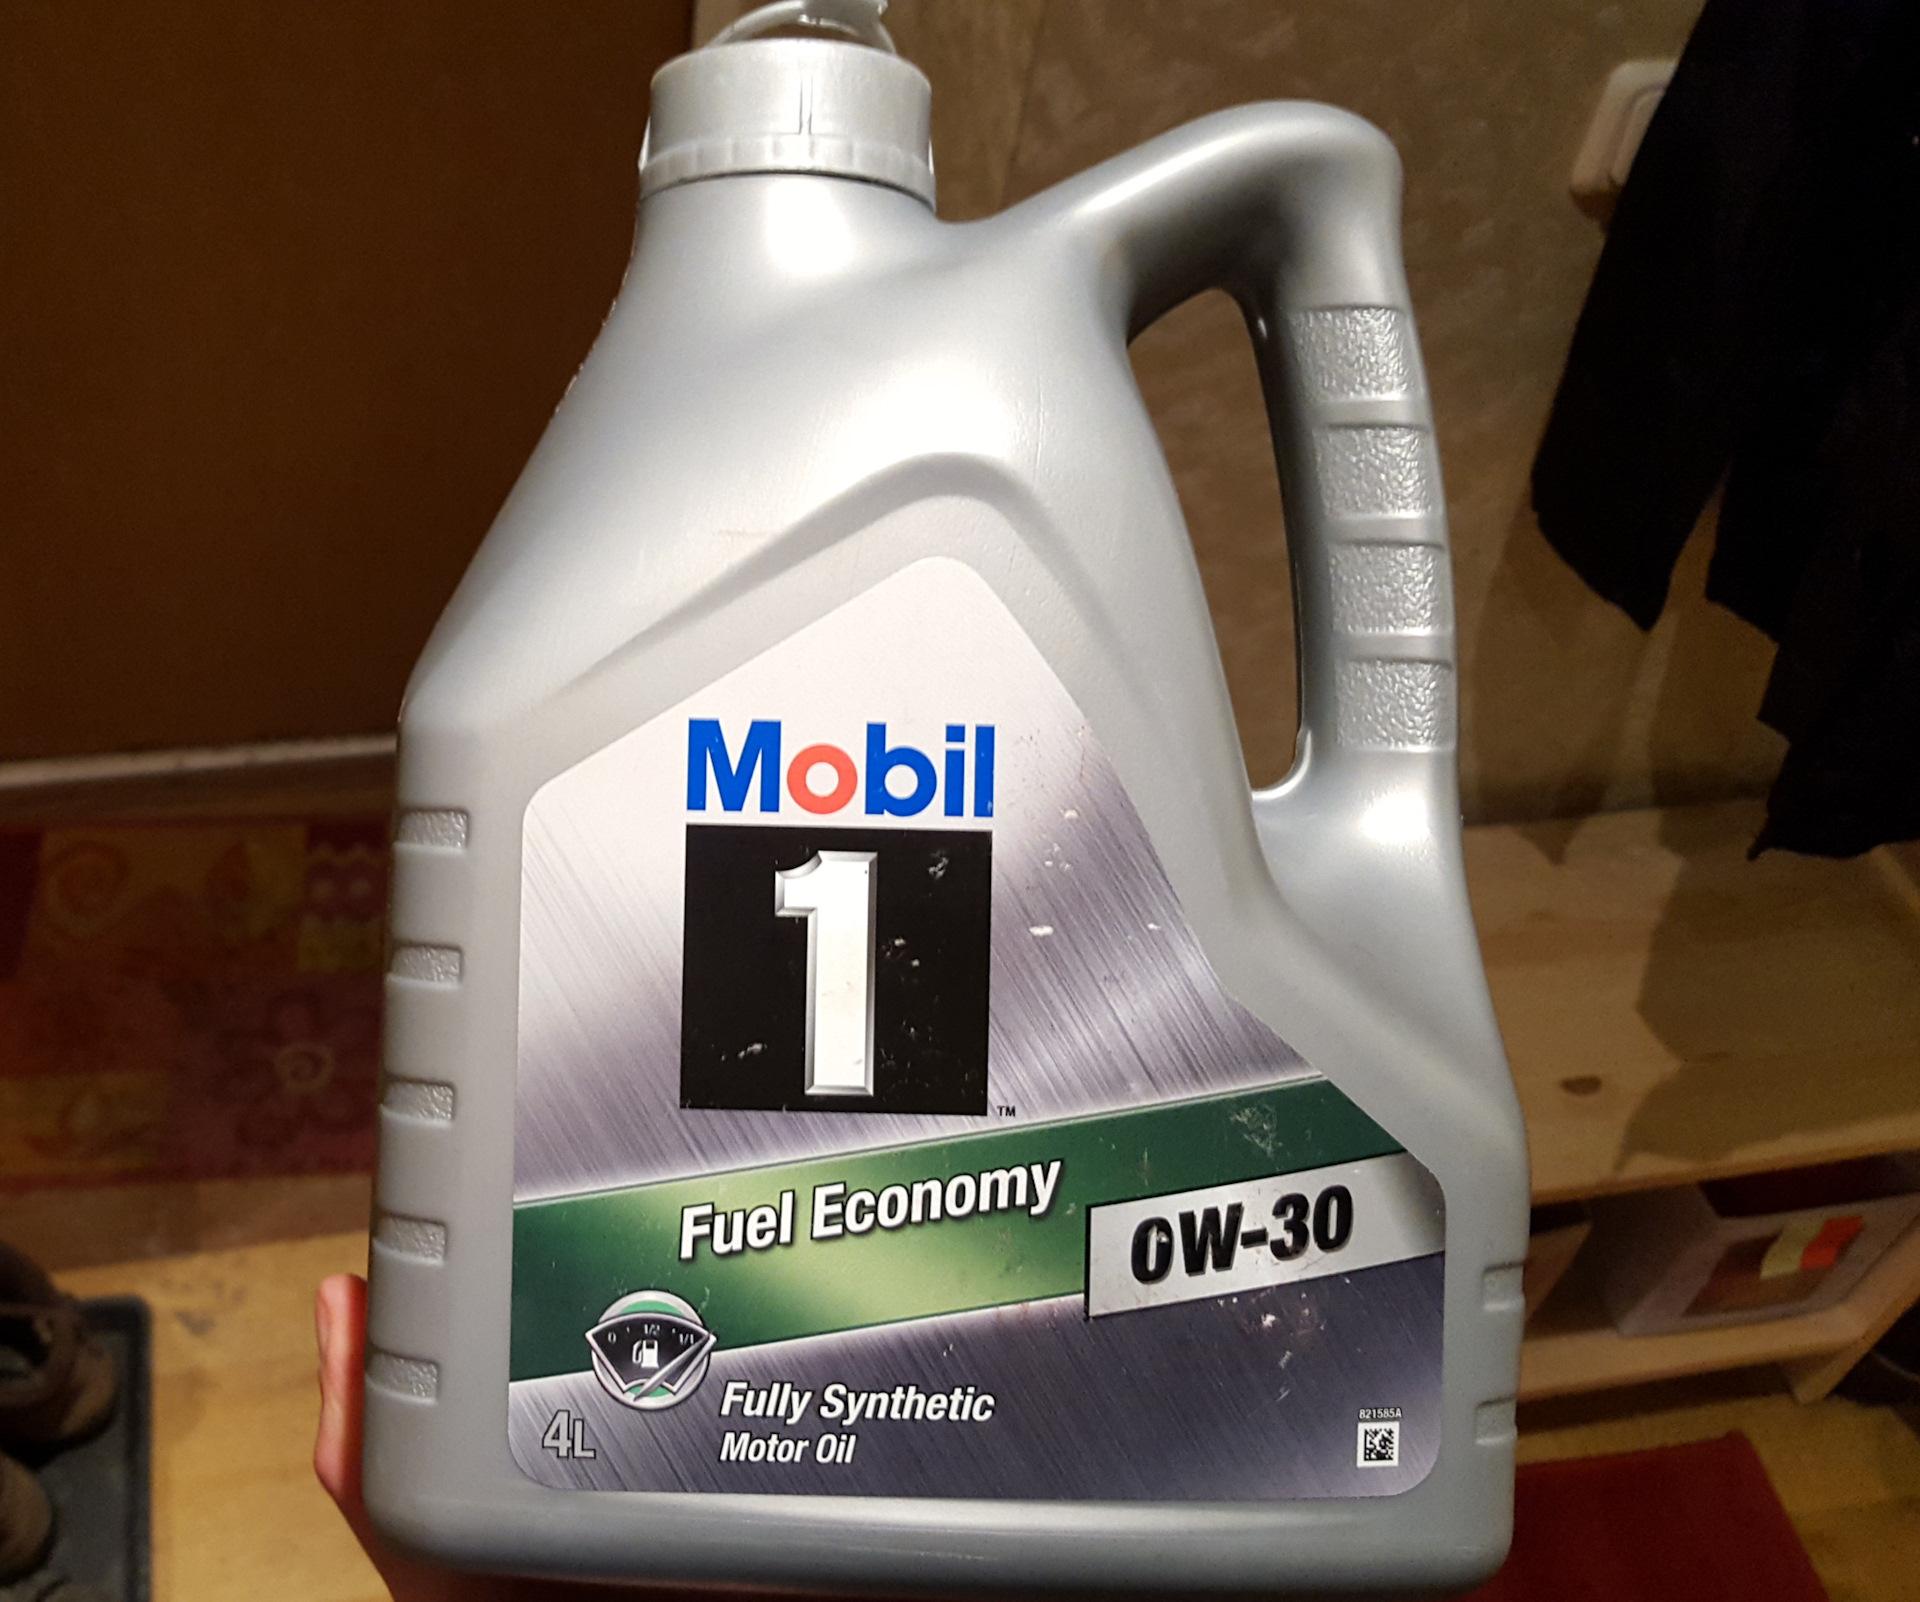 Mobil 1 Fuel Economy считается лучшим для шведского движка